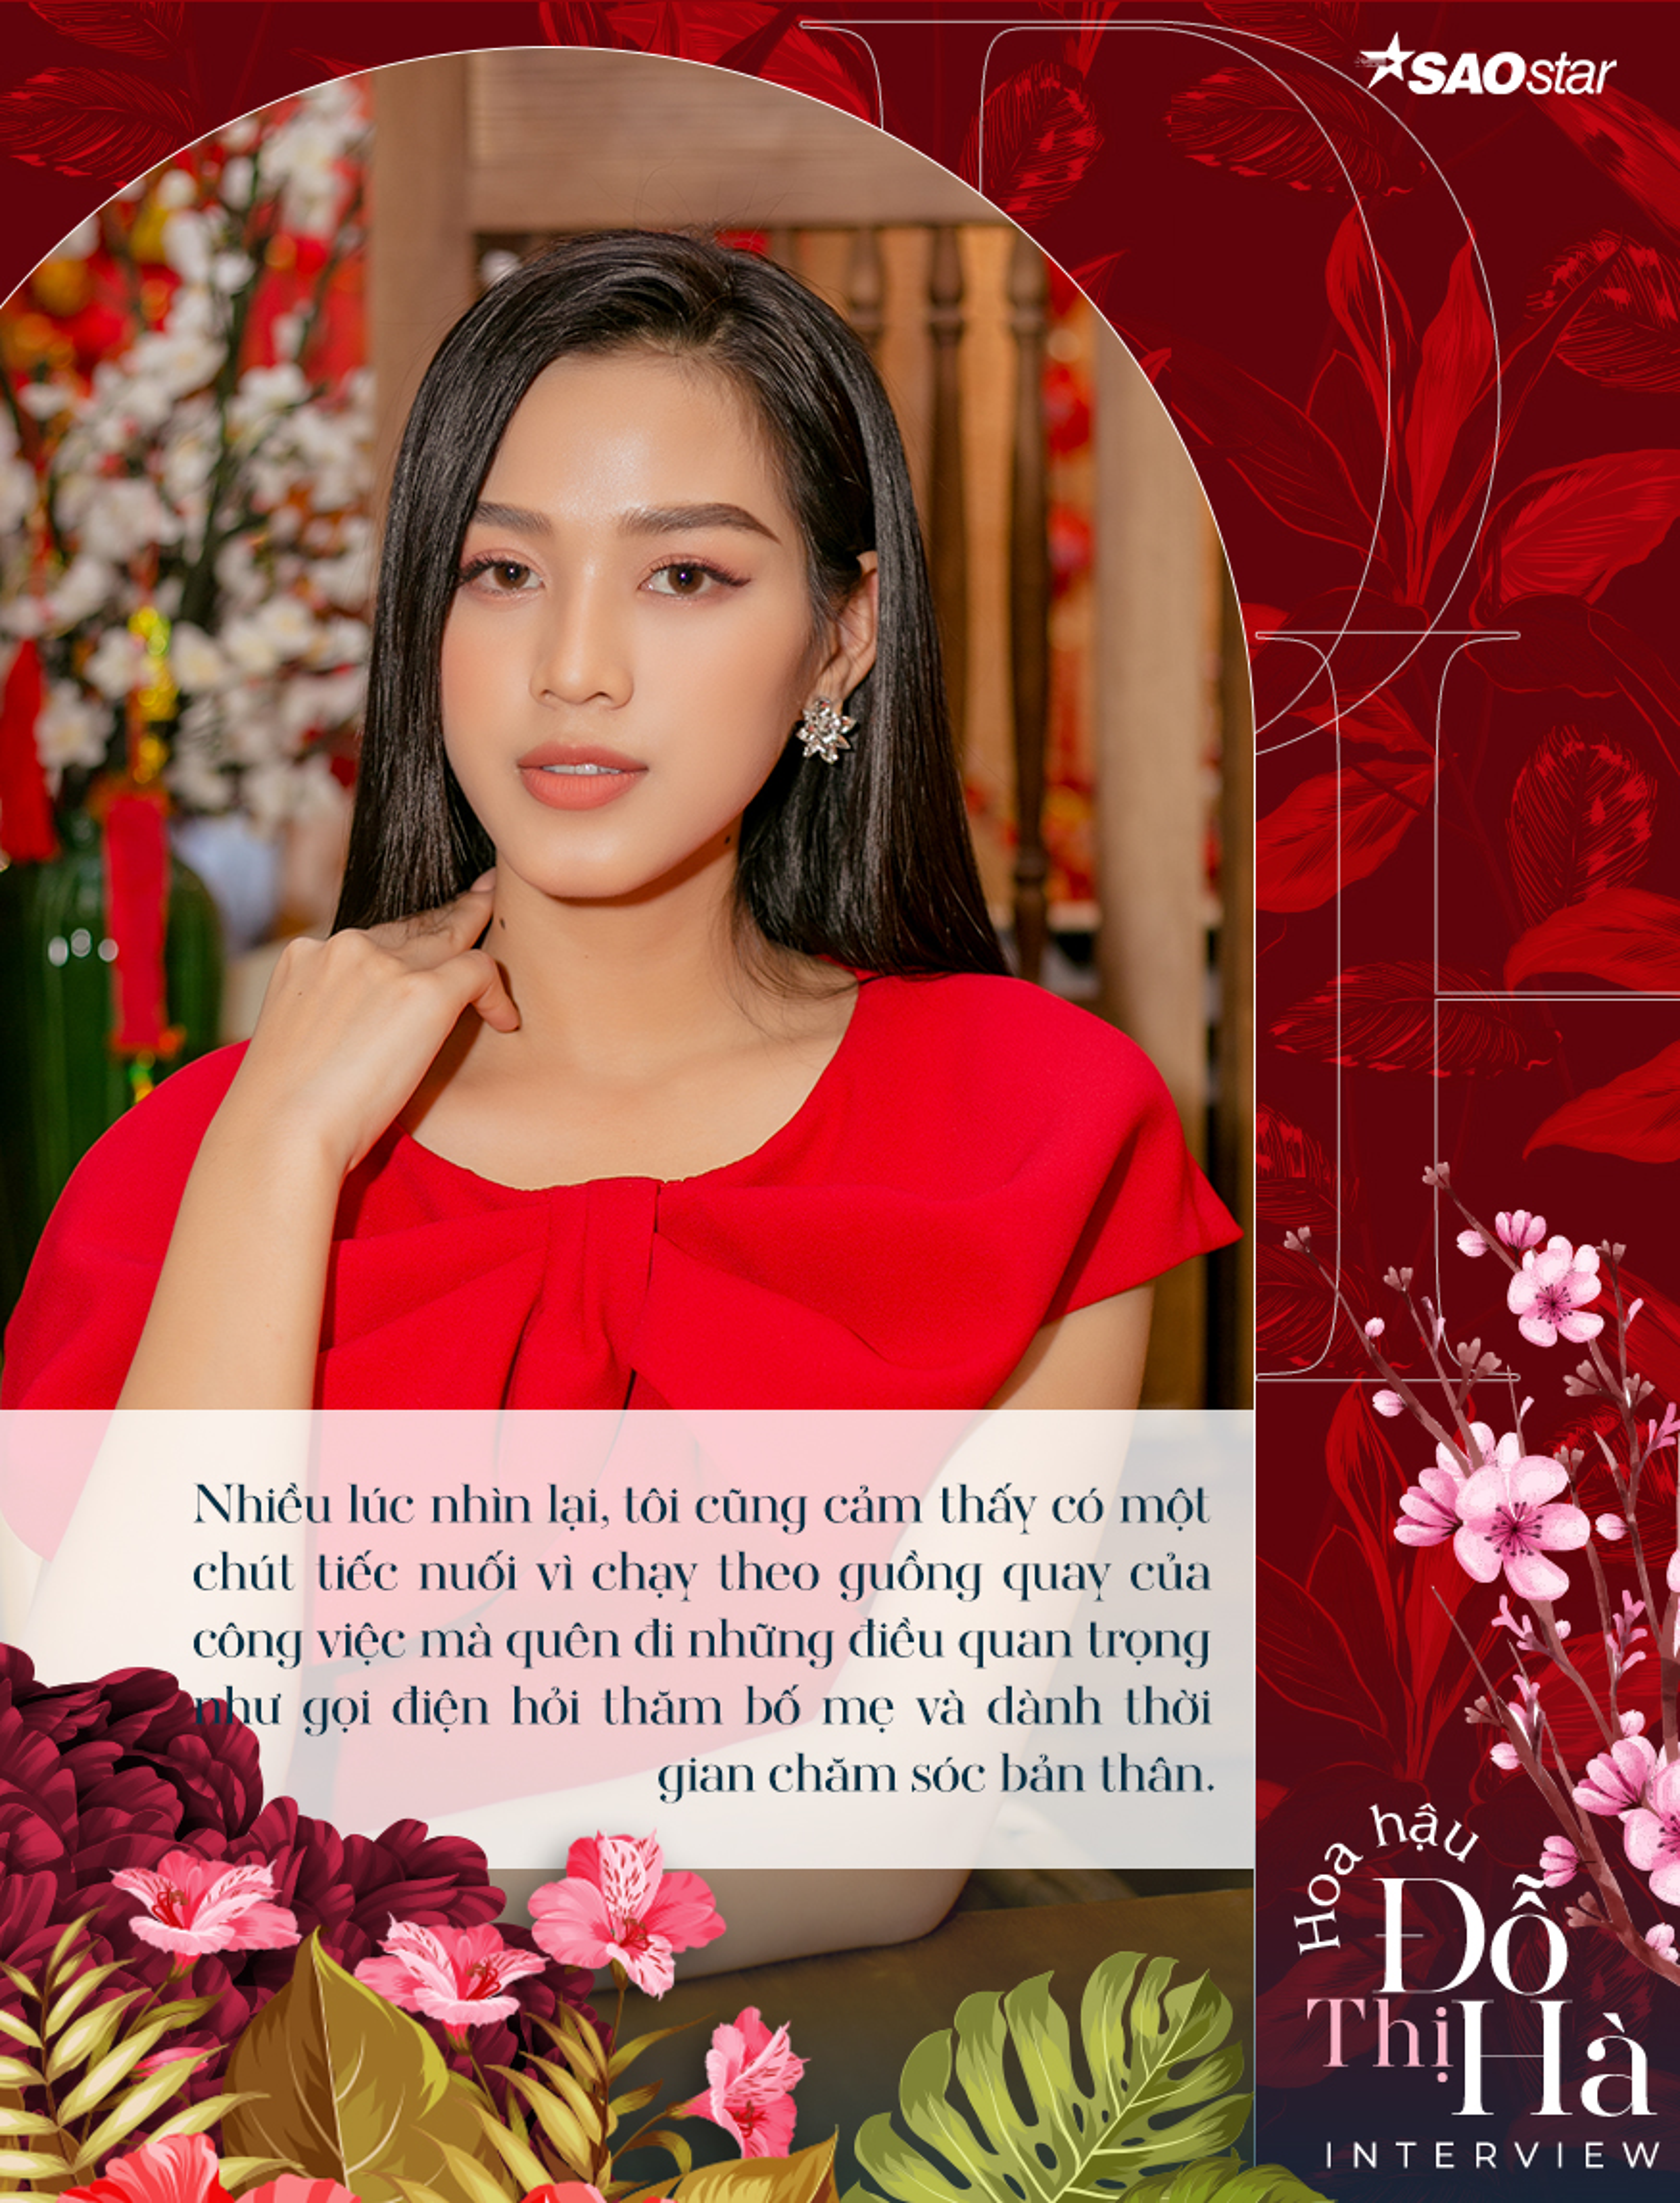 Hoa hậu Việt Nam Đỗ Thị Hà: 'Nếu có một điều ước, tôi chỉ mong bố ngủ ngon và bớt lo lắng cho tôi' Ảnh 3